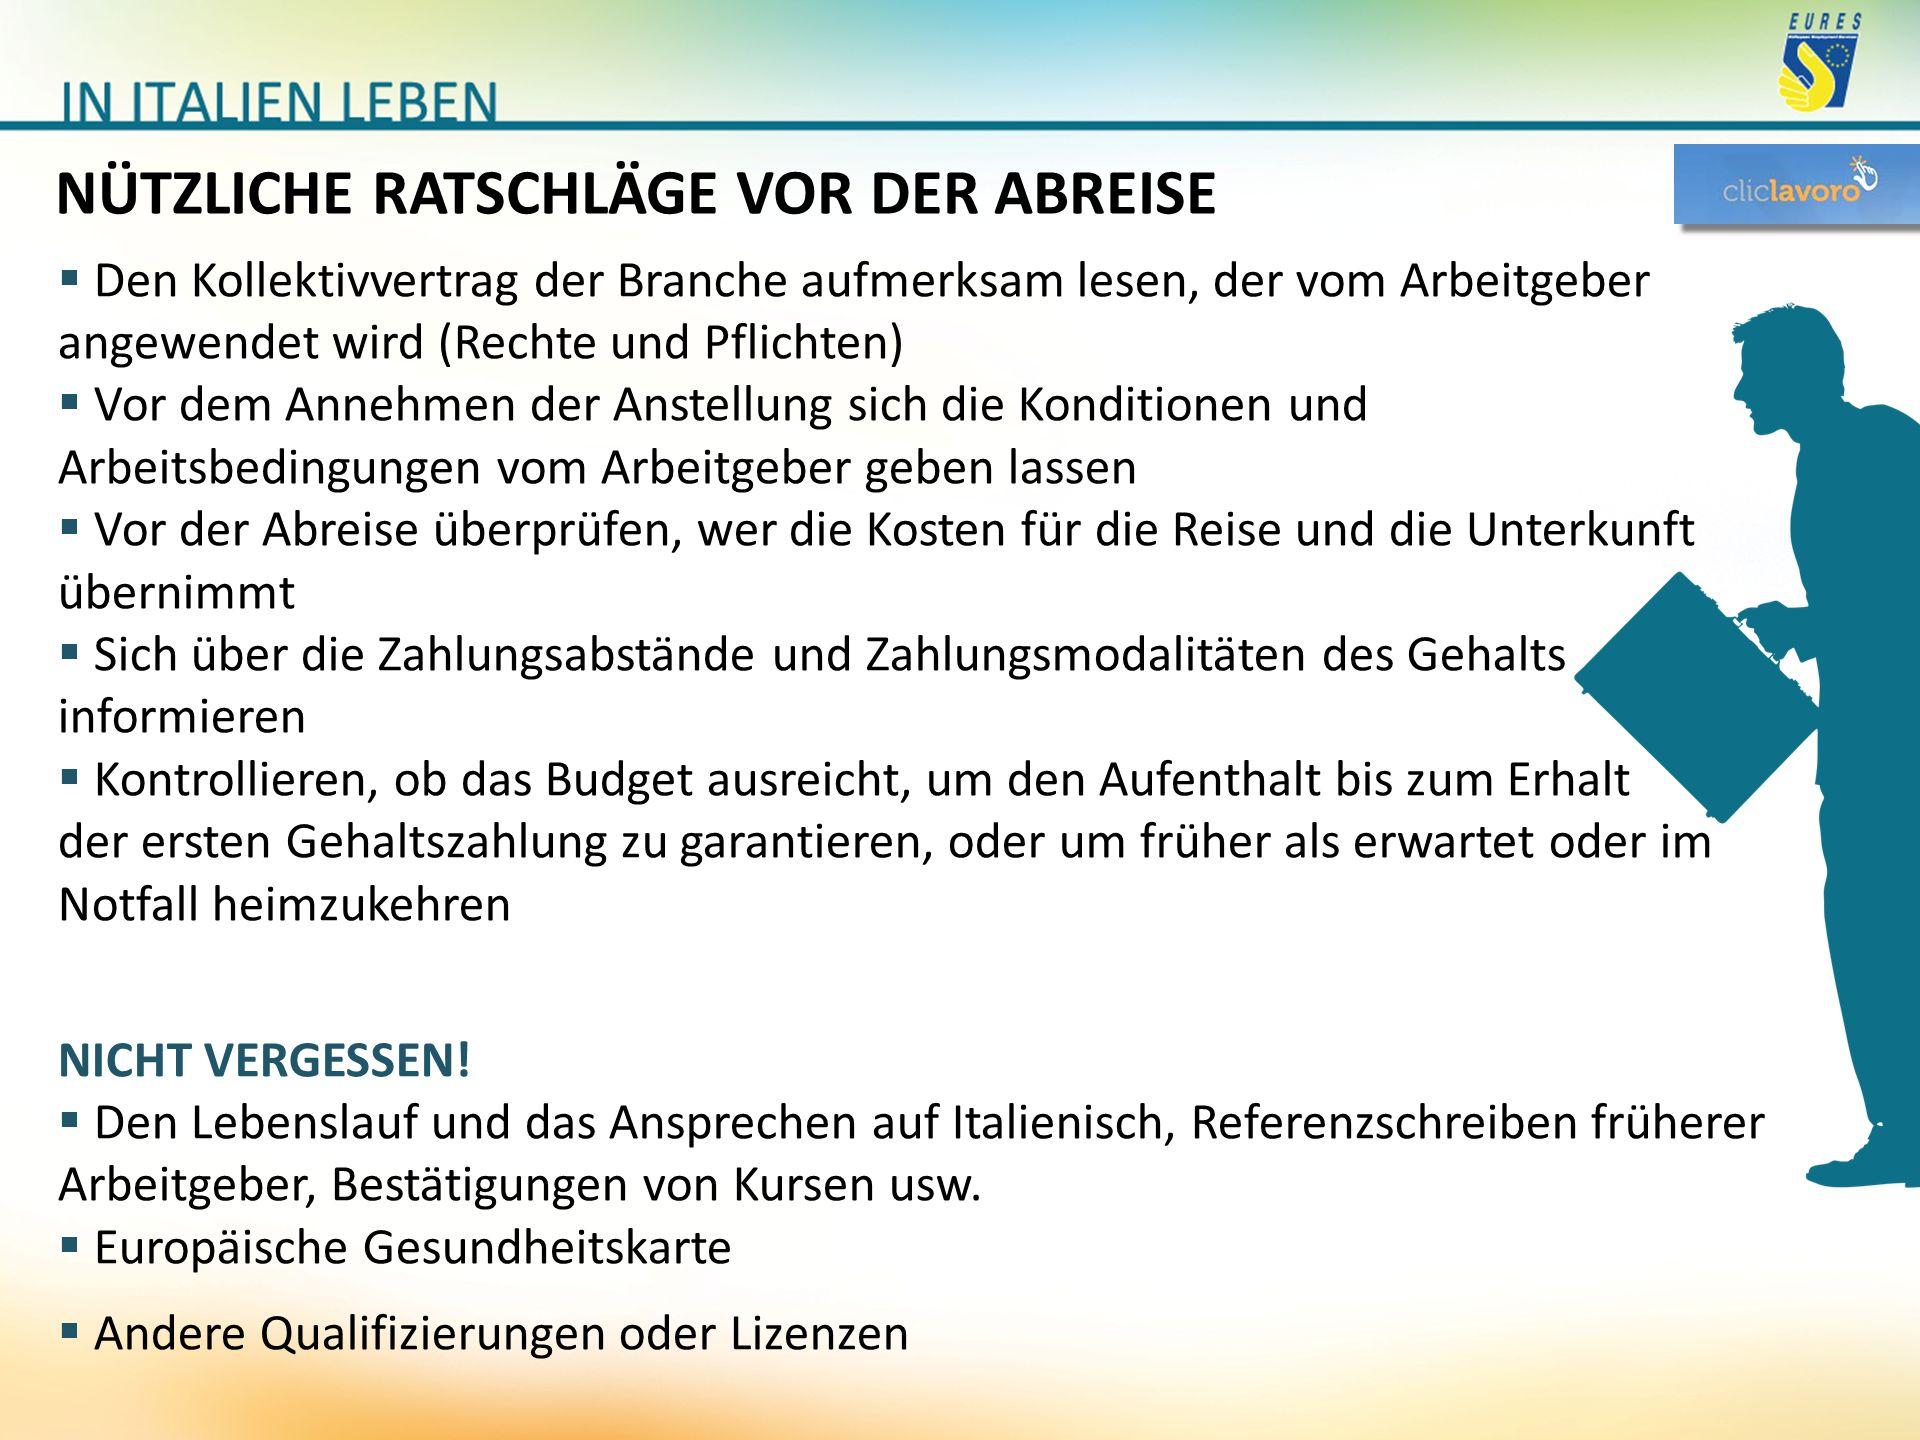 NÜTZLICHE RATSCHLÄGE VOR DER ABREISE  Den Kollektivvertrag der Branche aufmerksam lesen, der vom Arbeitgeber angewendet wird (Rechte und Pflichten) 